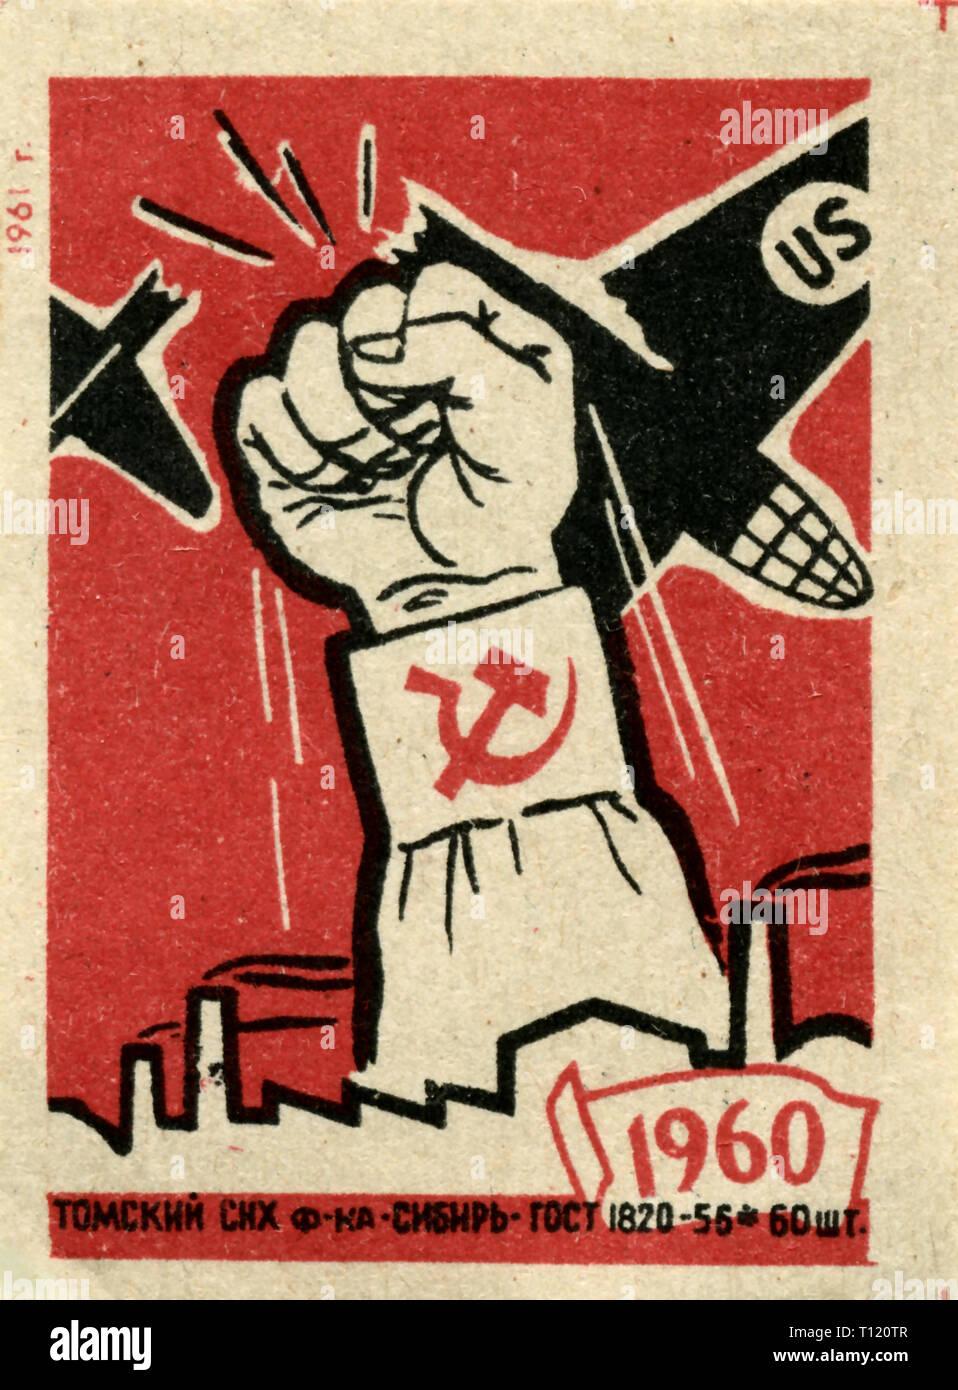 Russland - 1961: Sowjetunion matchbox Grafiksammlung, Kalter Krieg Stockbild